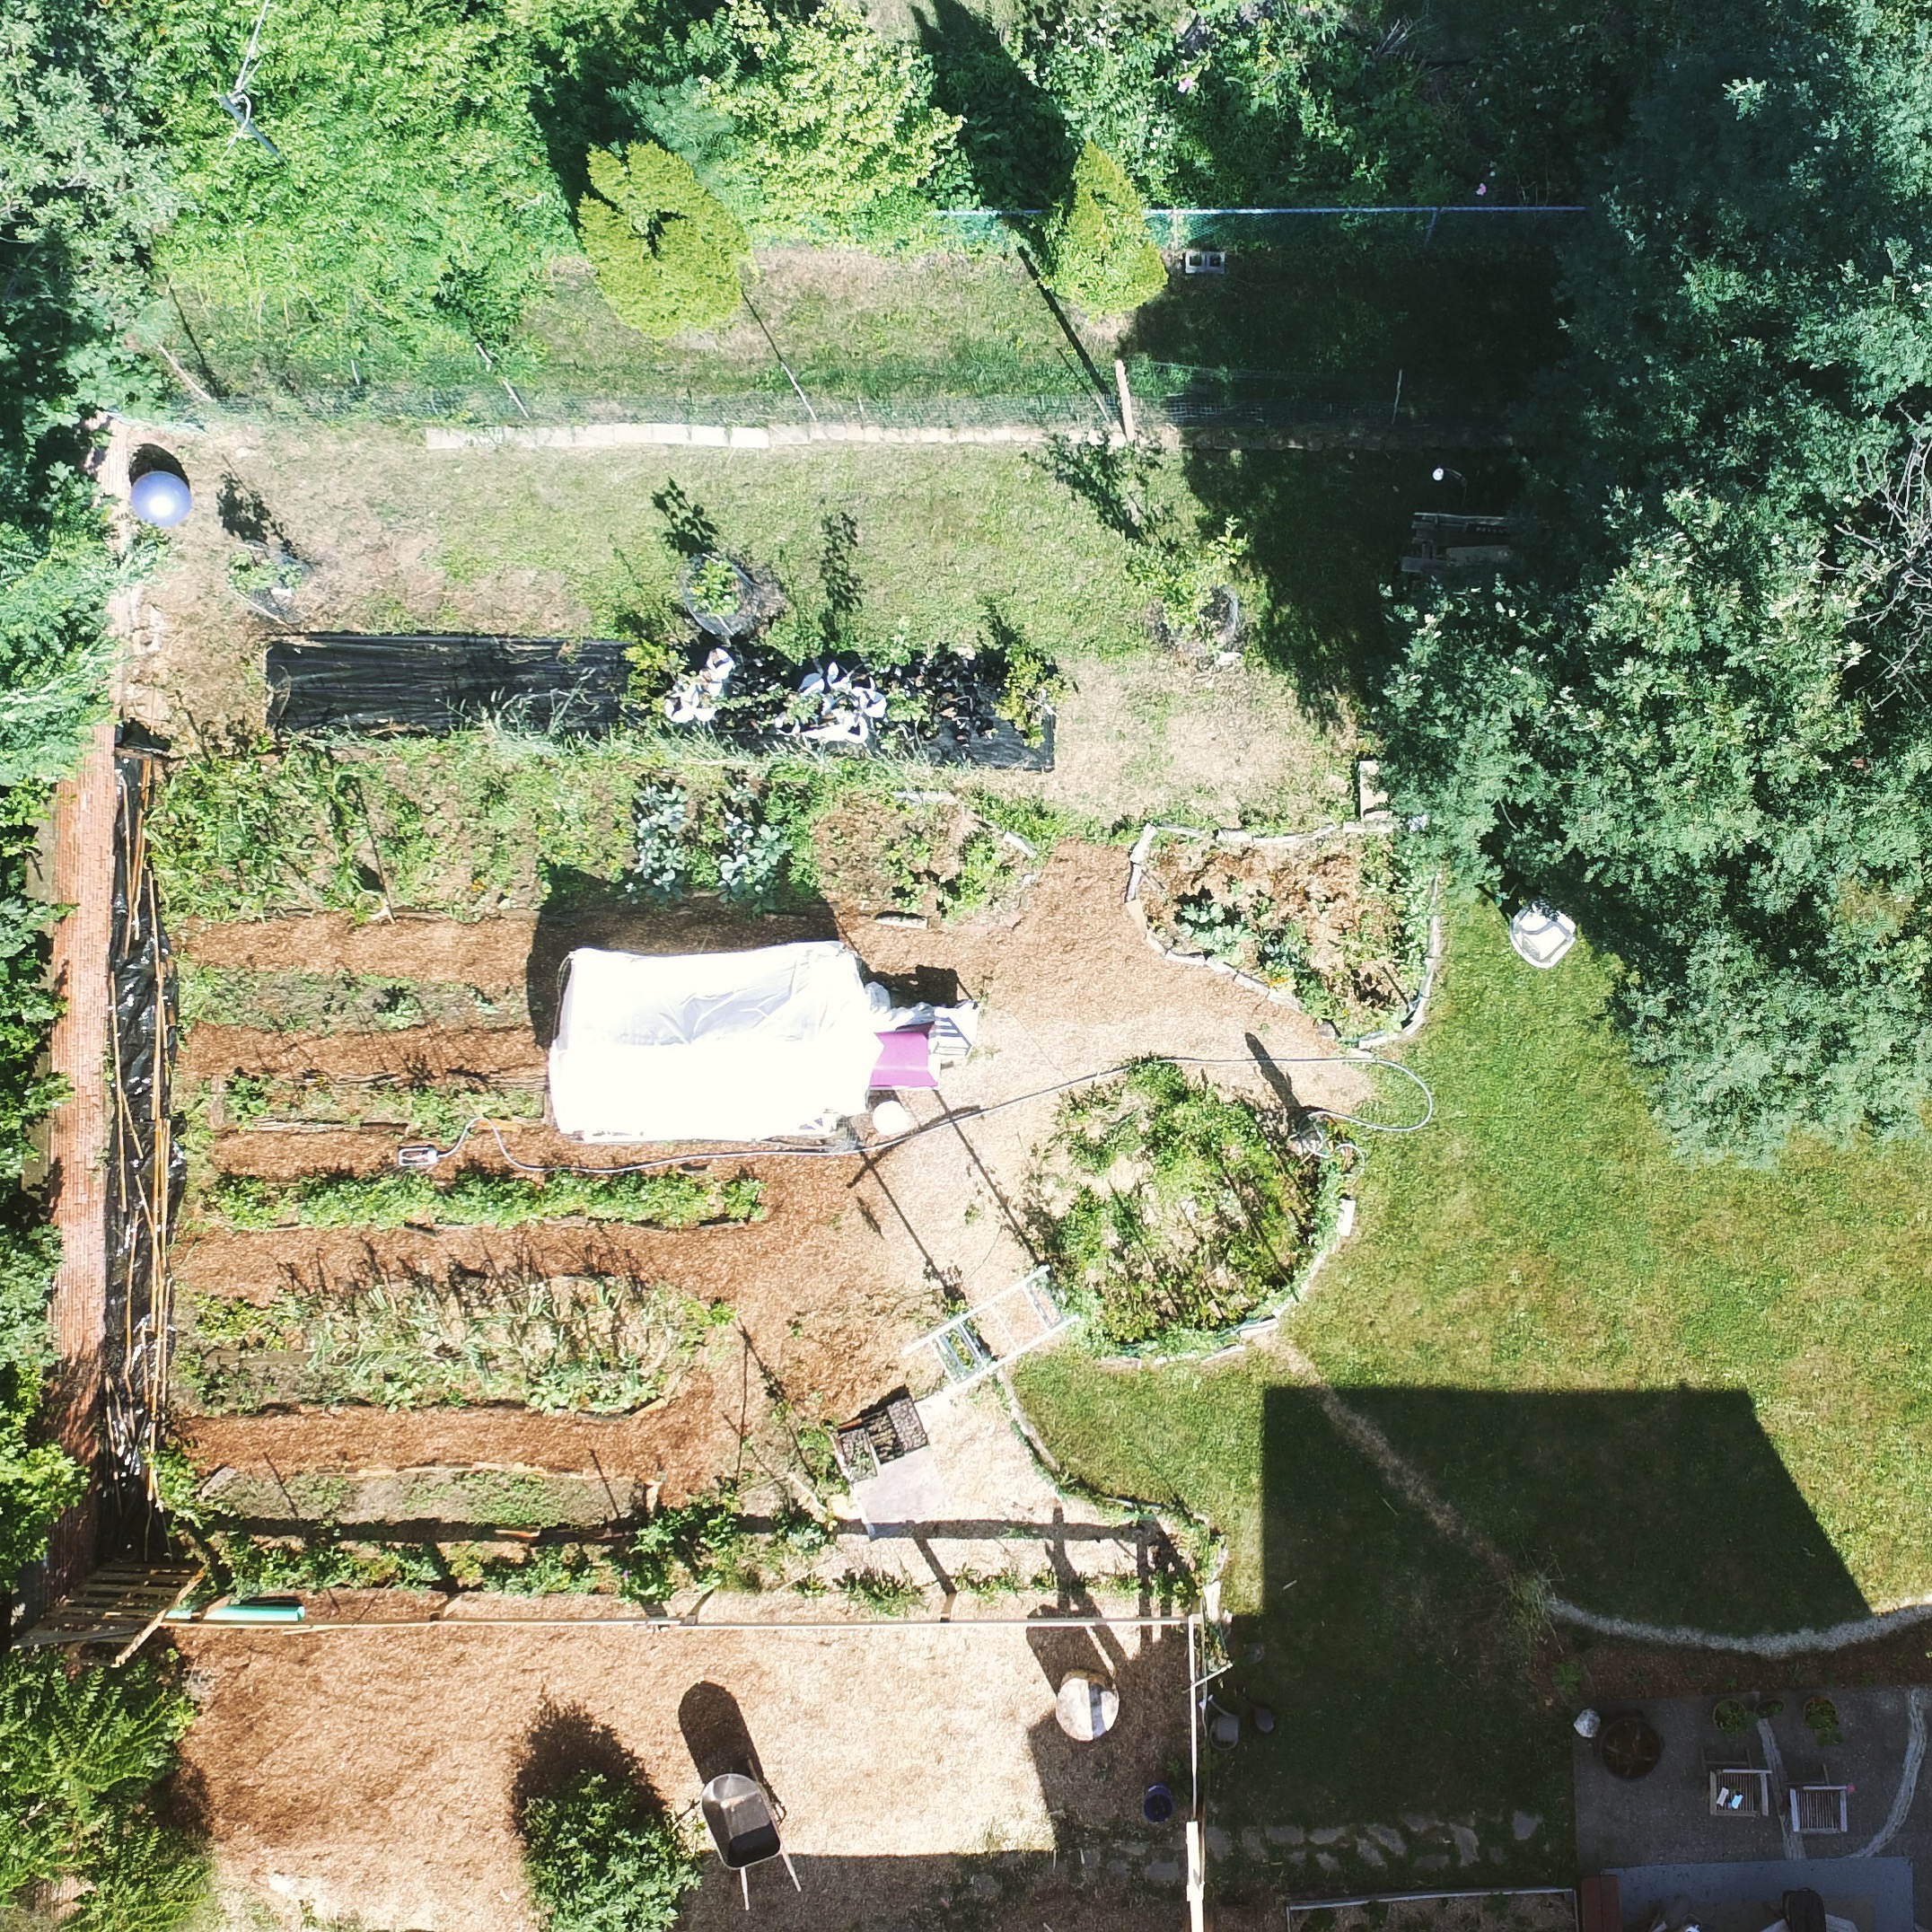 2016 - Overhead view of vegetable garden area